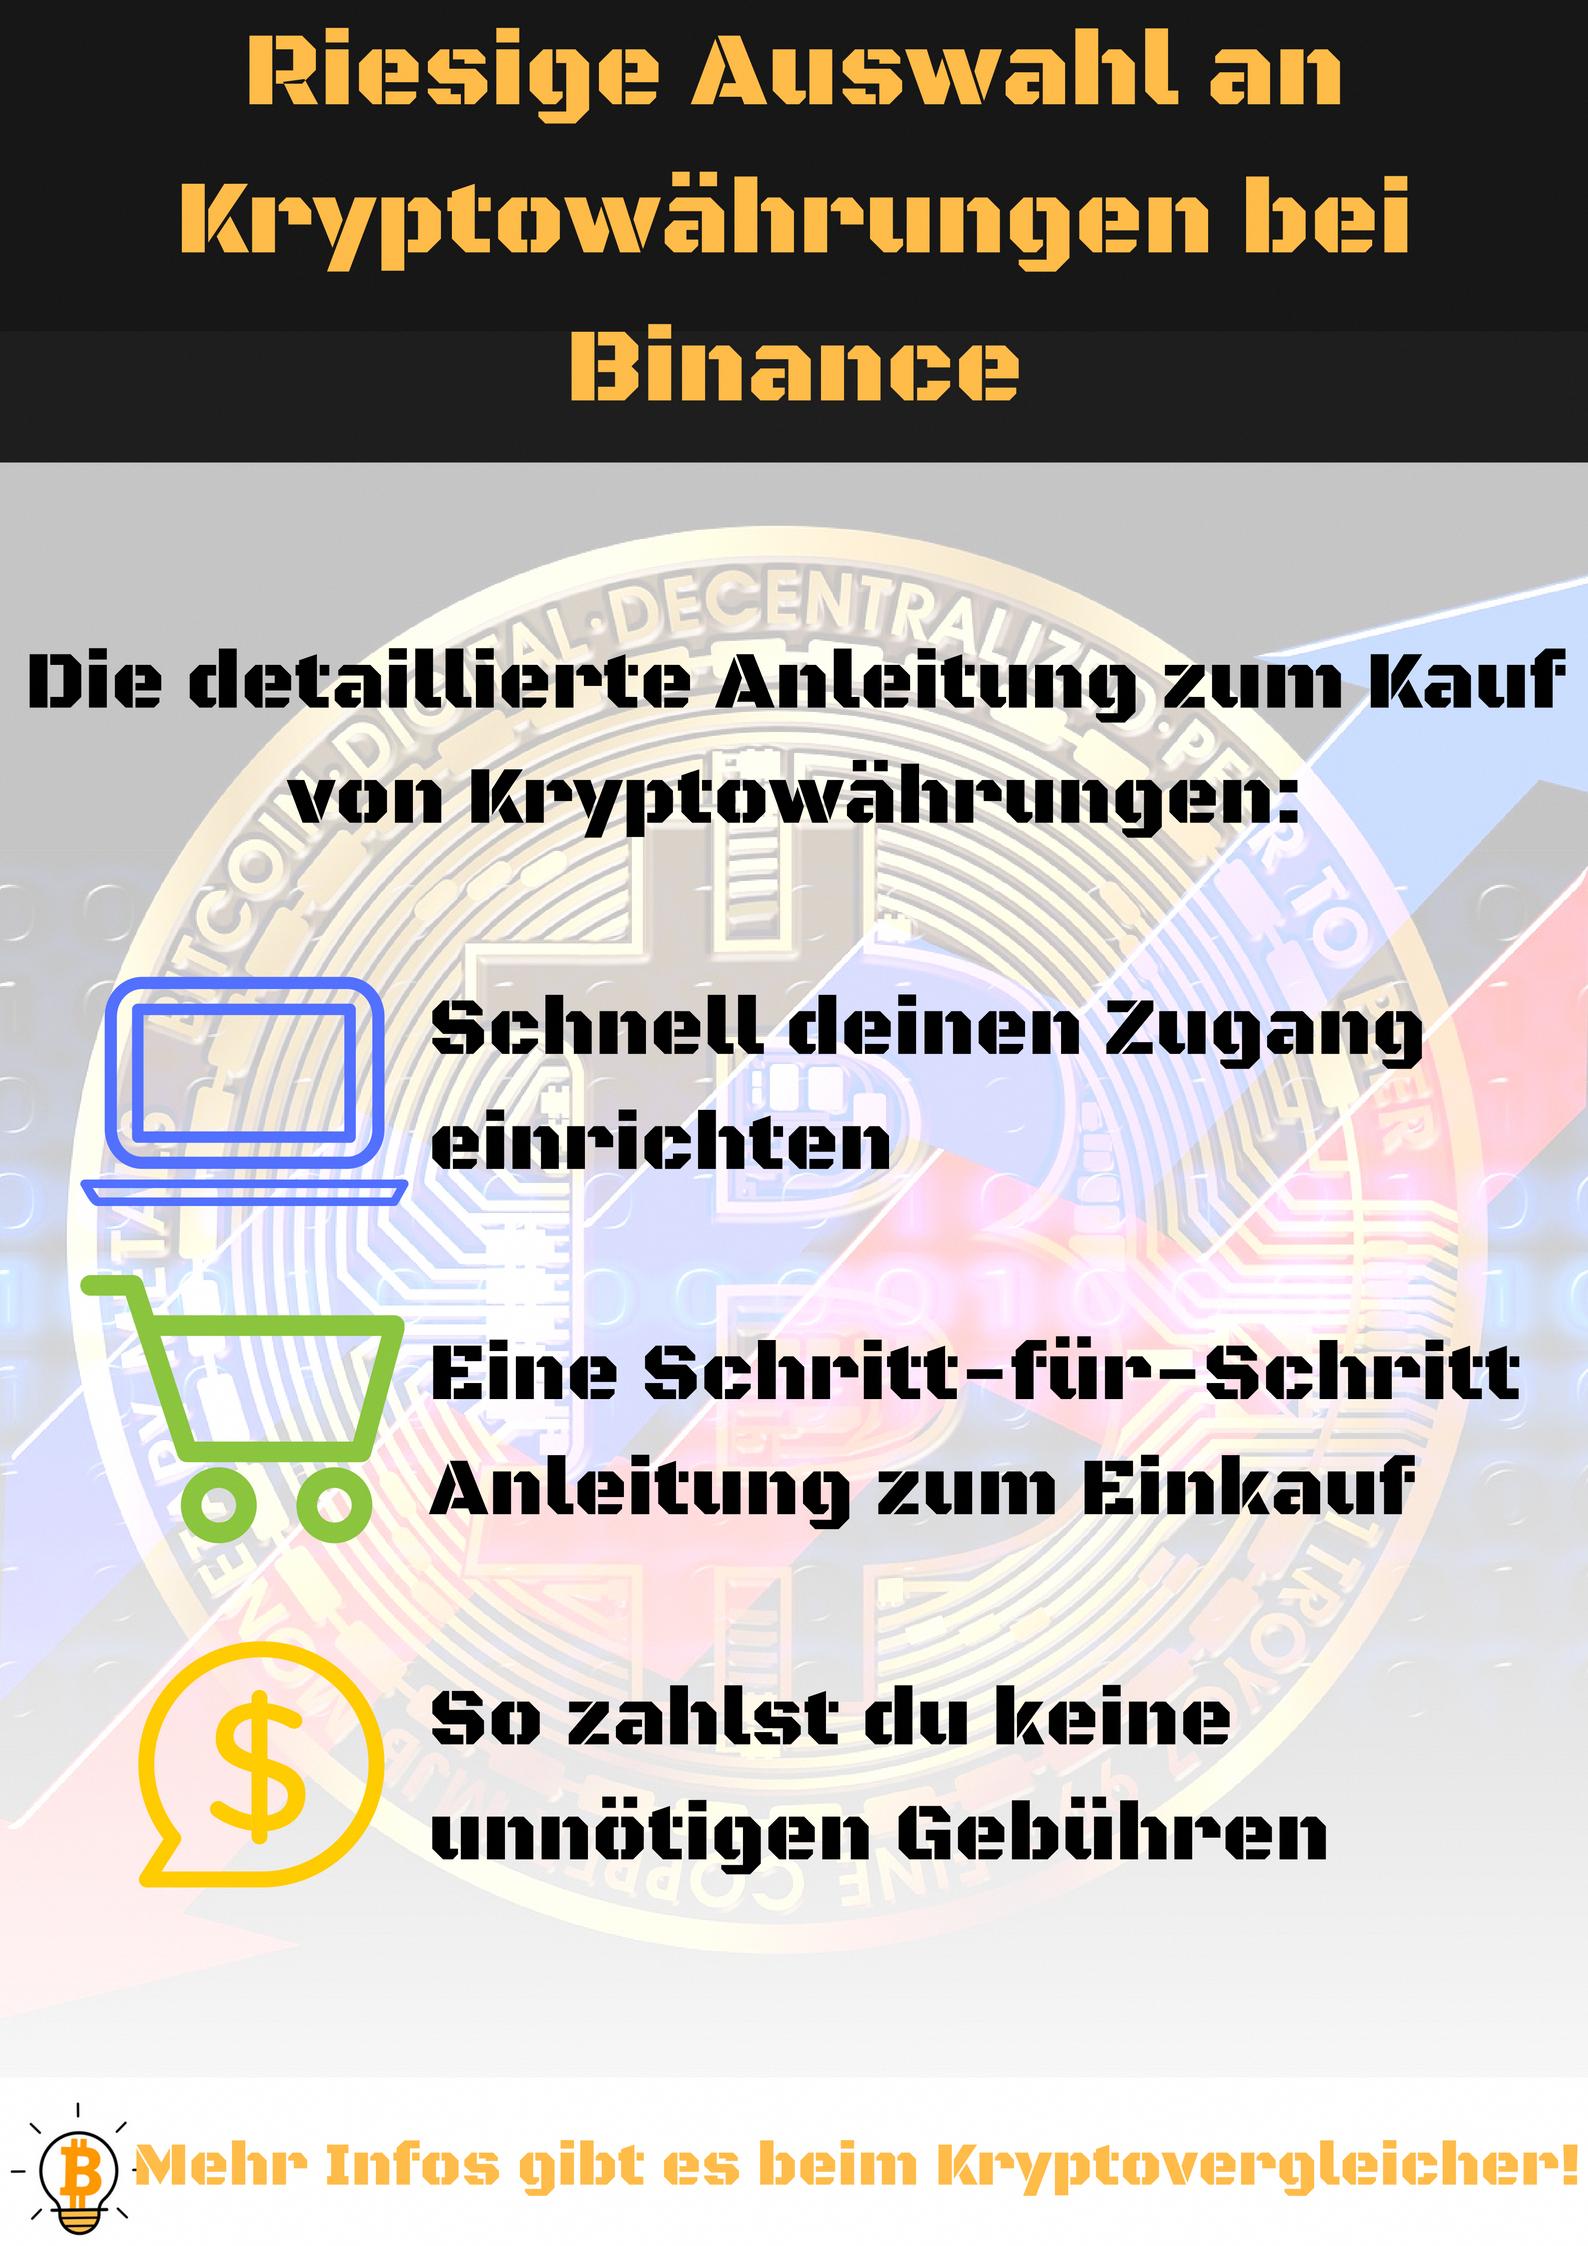 binäres trading schweiz tipps und tricks für den handel mit kryptowährungen